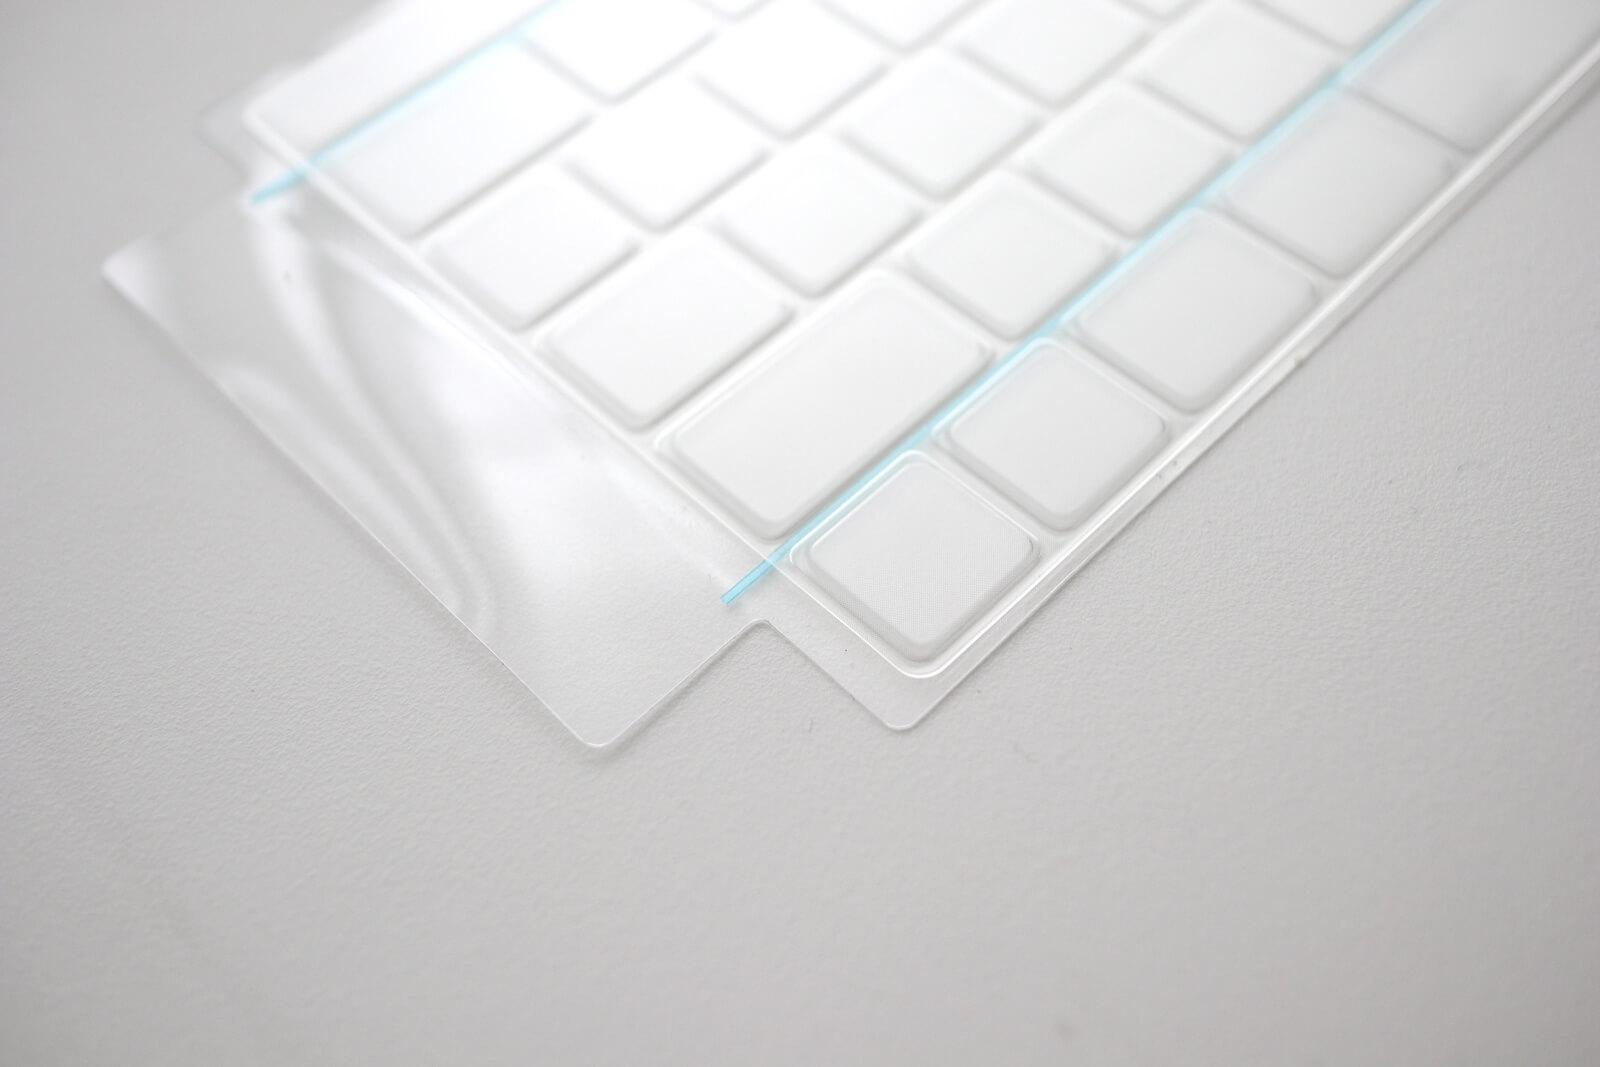 カバーにテープがくっついていてカバーがずれるのを防いでくれる